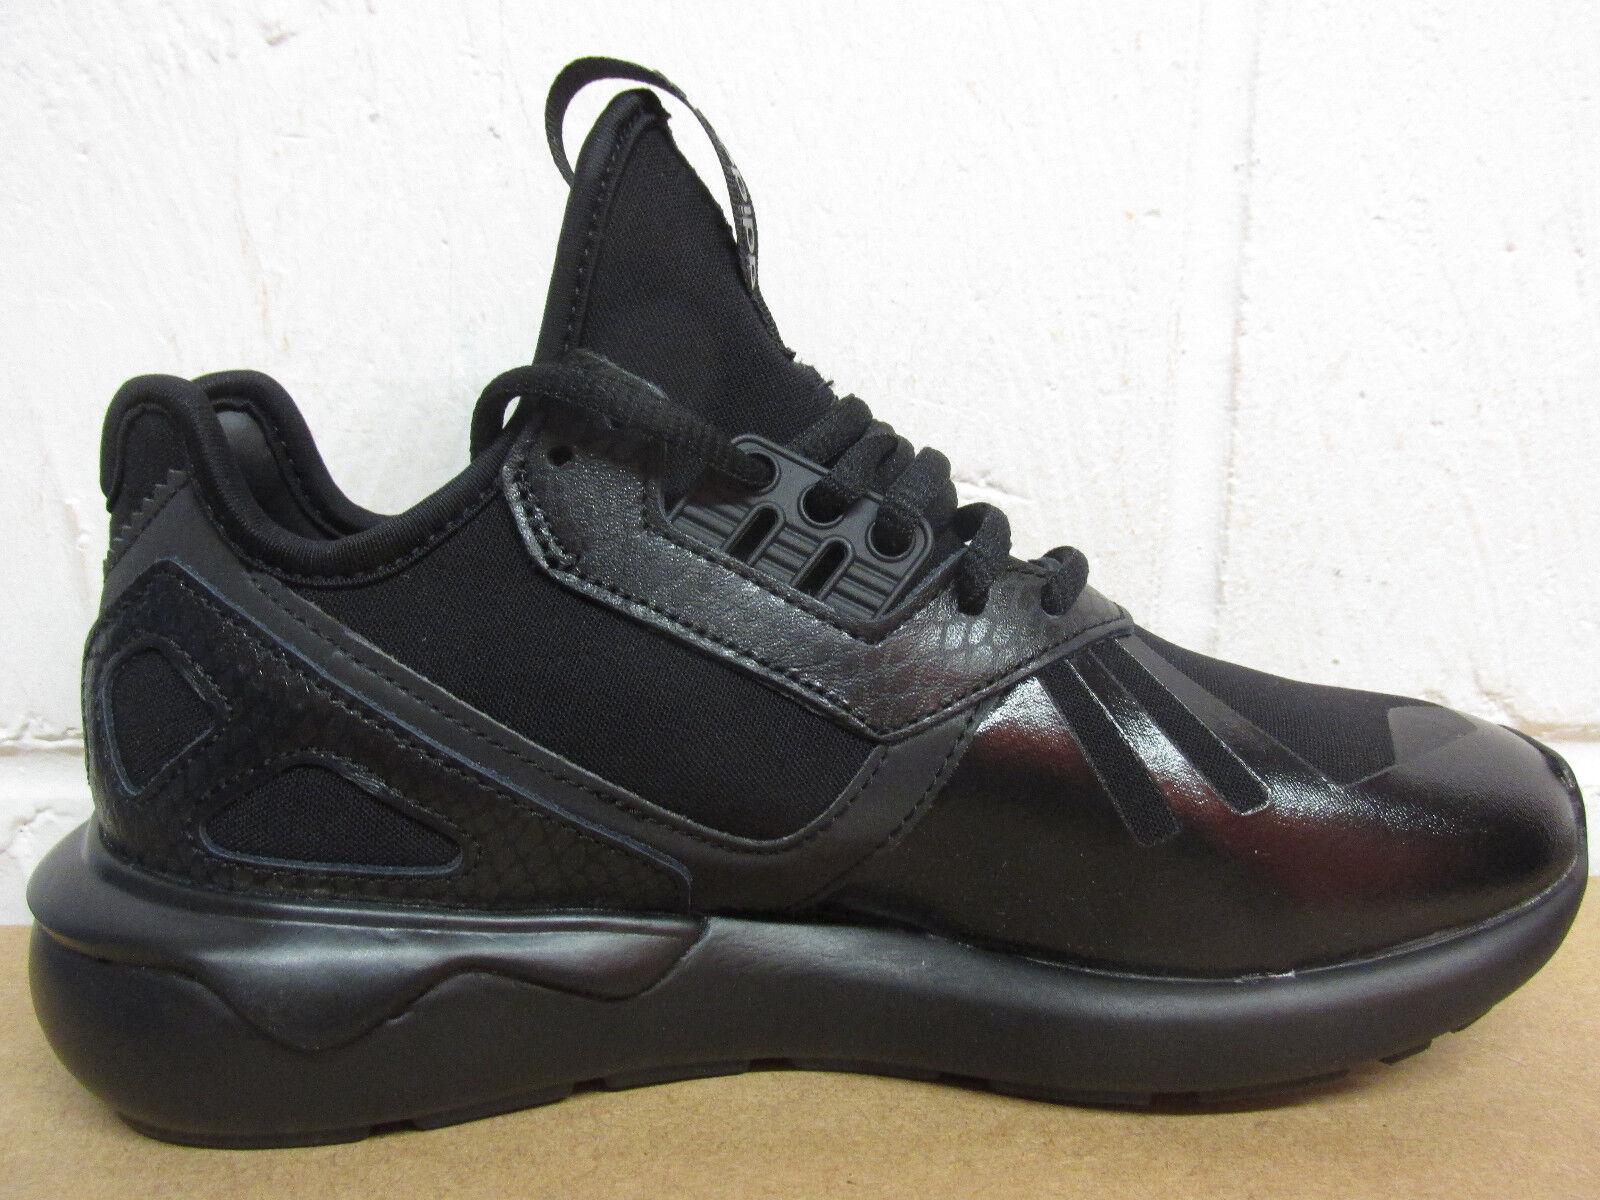 Adidas originali tubulare corre scarpe i formatori s78933 corridore donna scarpe le scarpe corre b08ad6